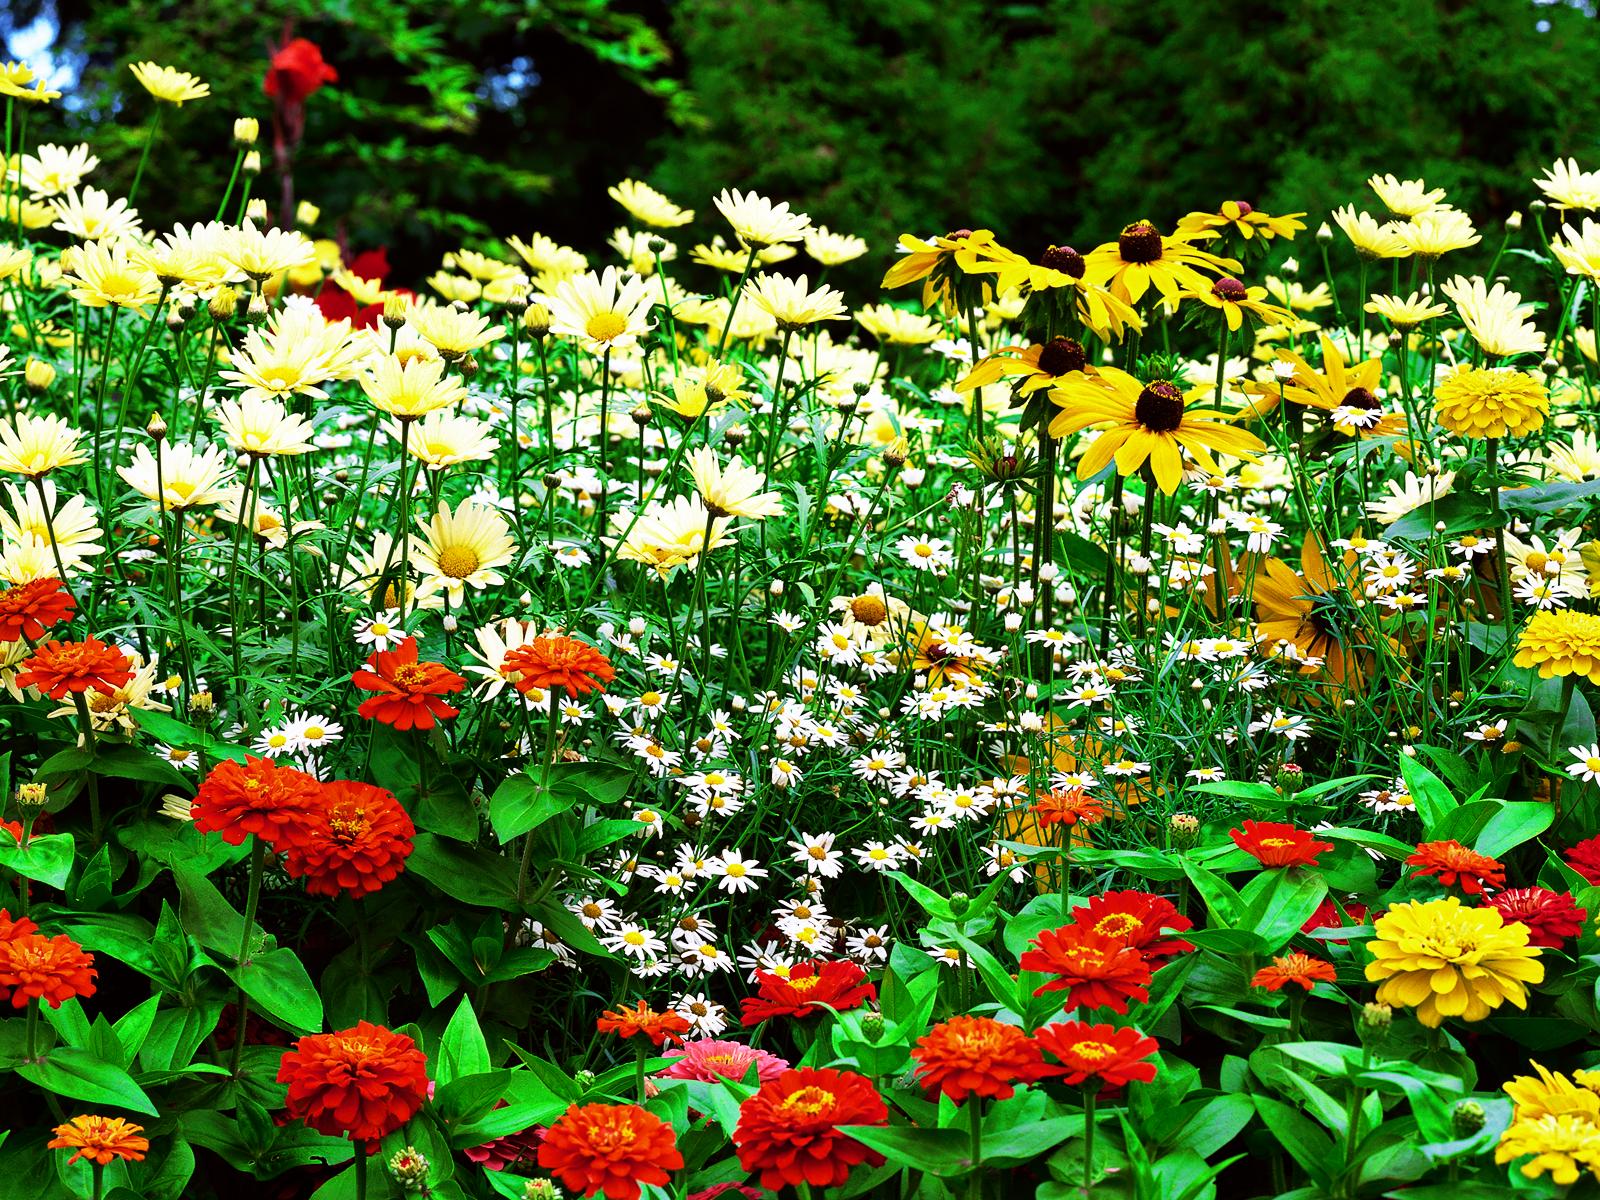 Wallpapers Dekstop 4 U Flower Garden Wallpaper 1600x1200